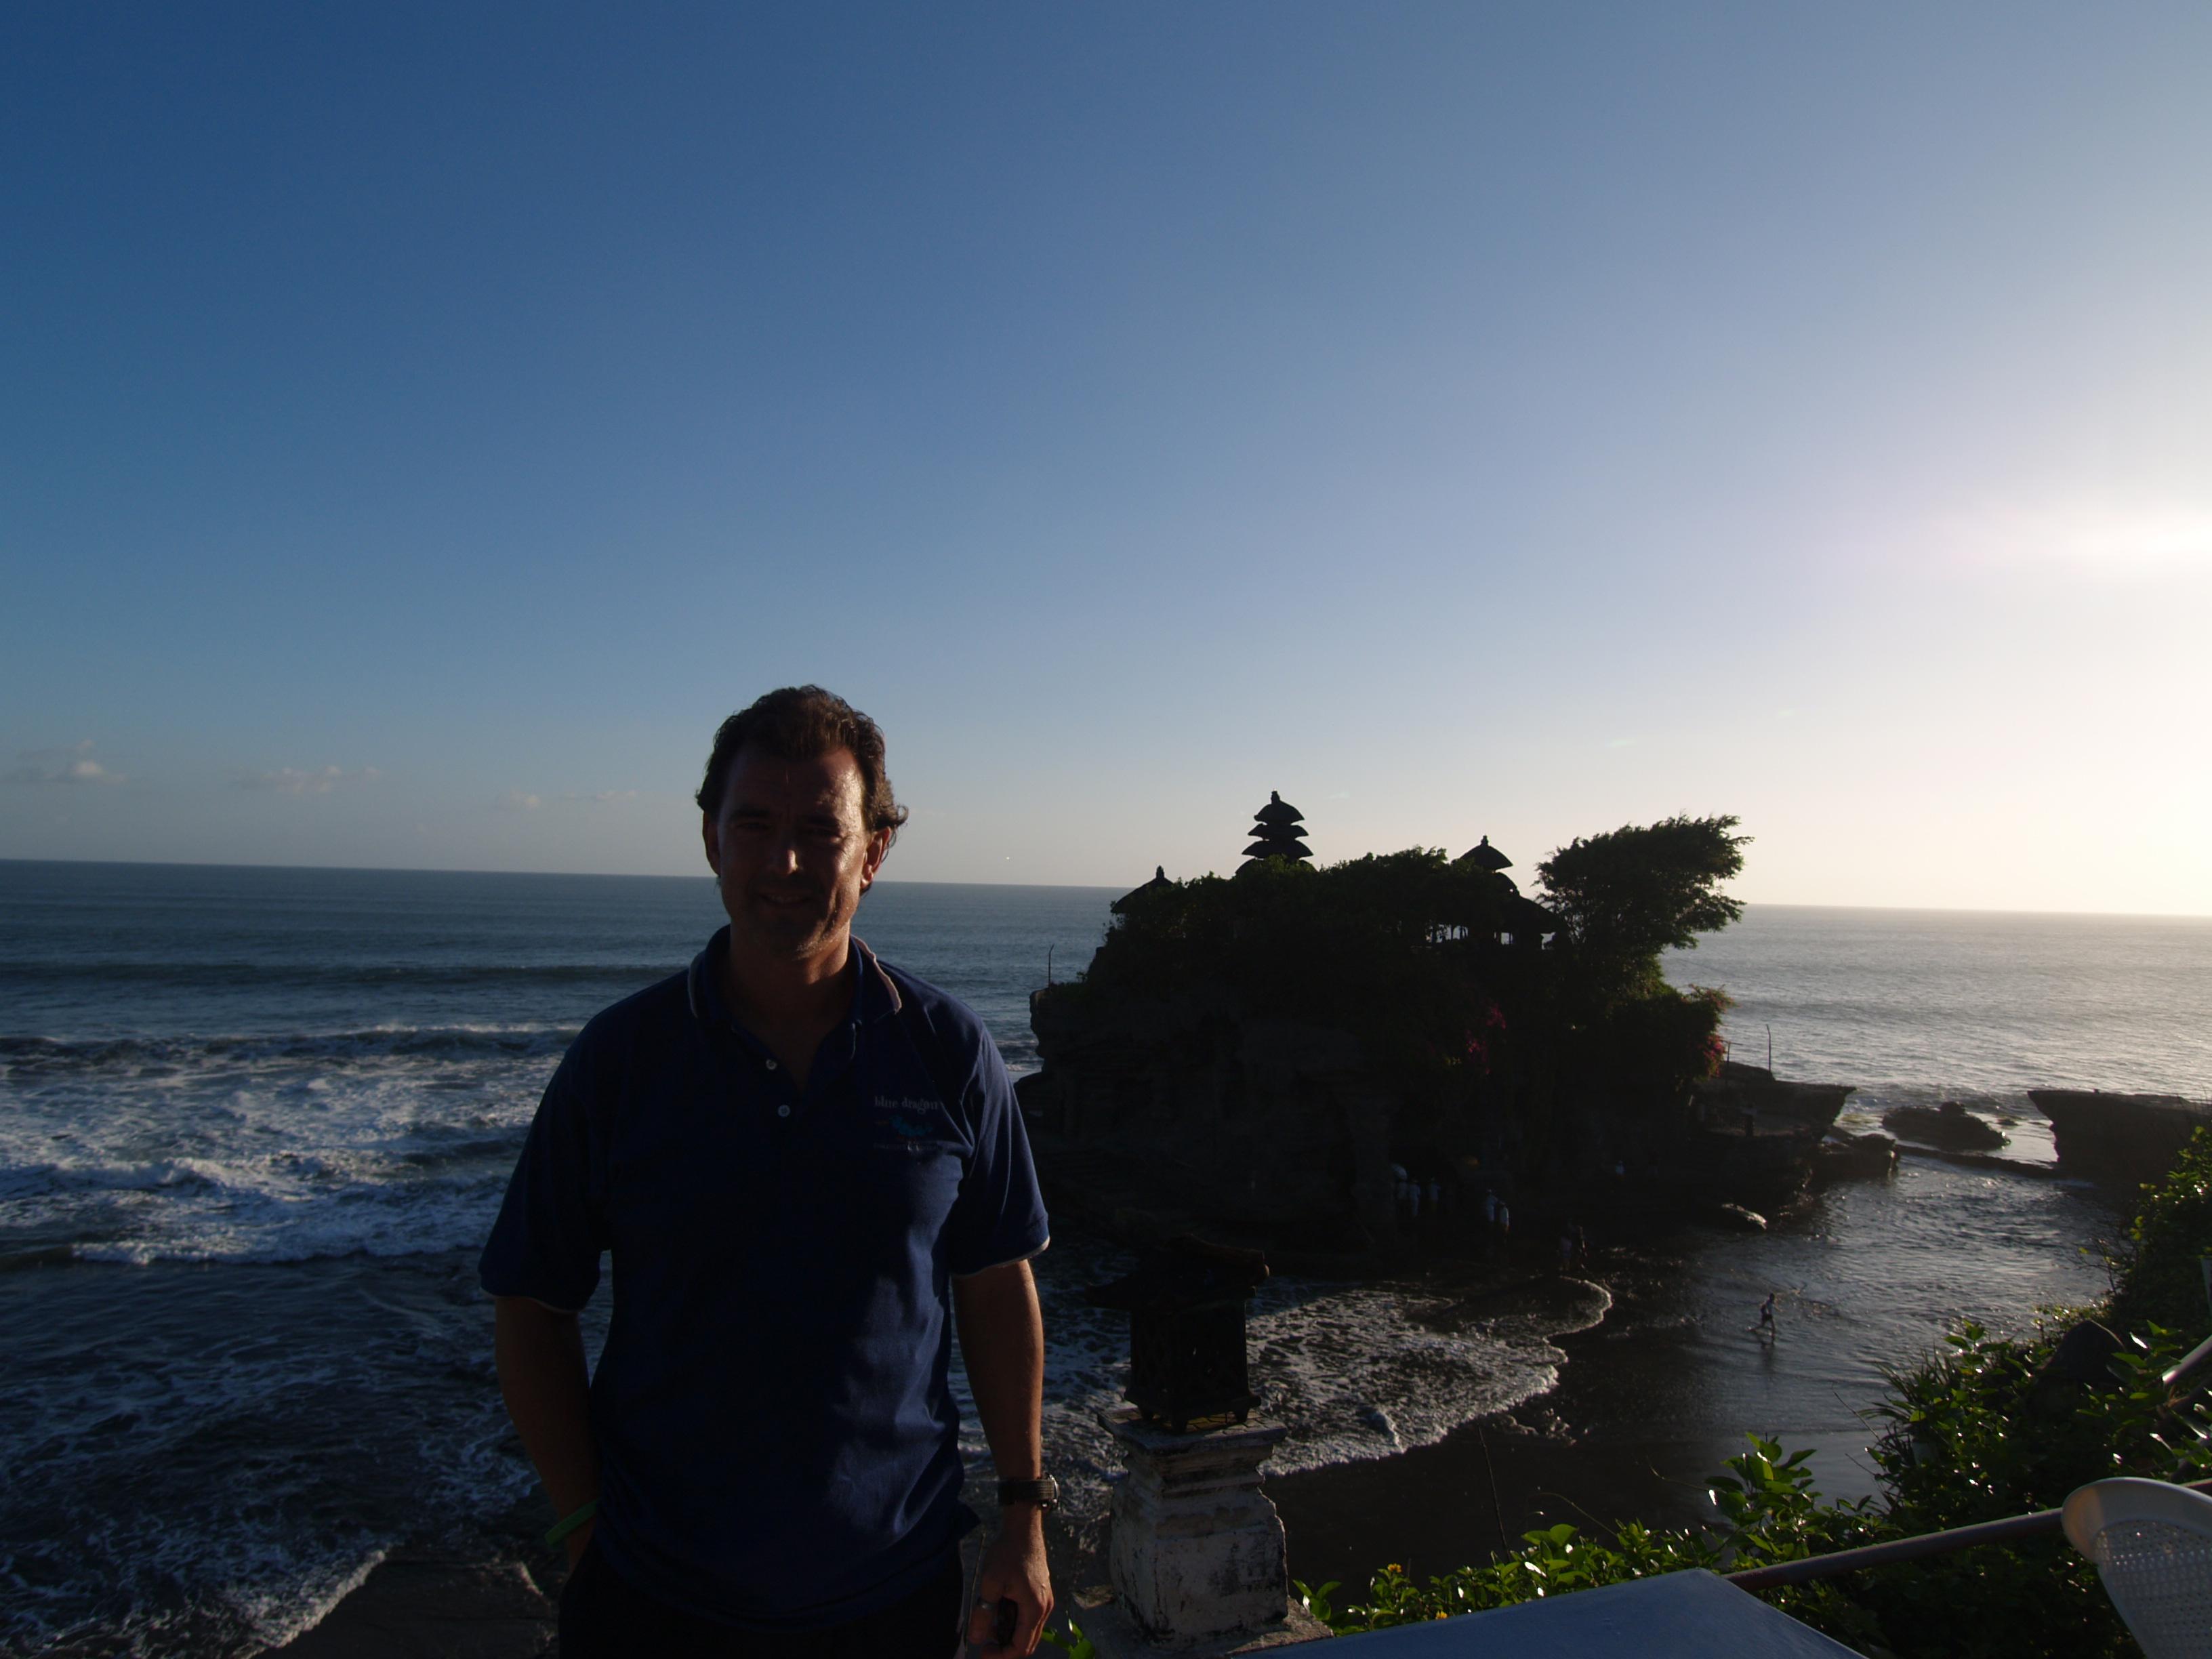 P6071994 Carlos en el Templo del Mar Bali Indonesia